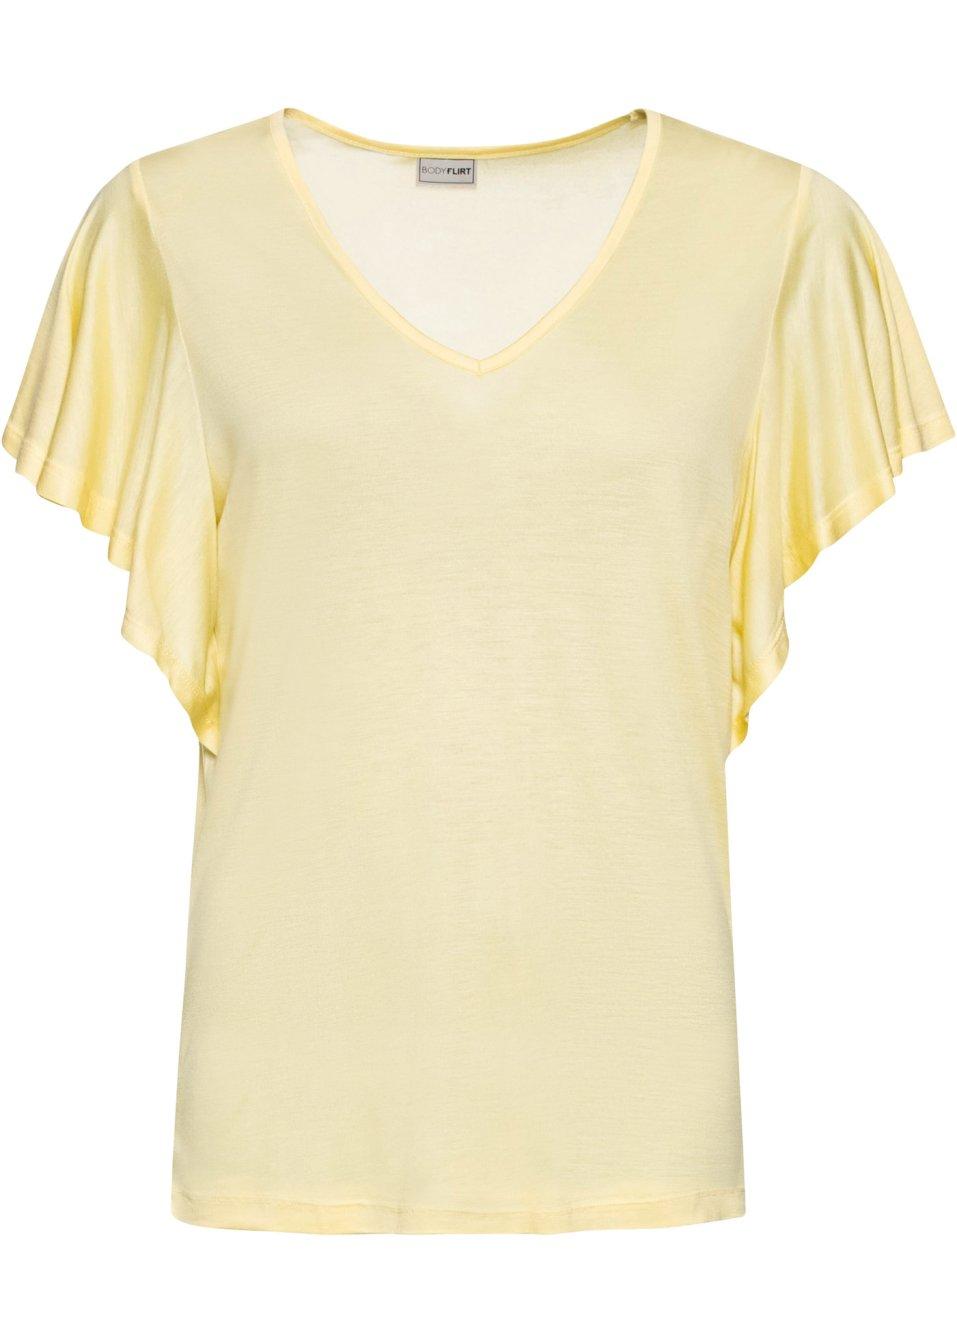 Feminines Shirt mit kurzen Volantärmeln - hellgelb njClg lUOqe